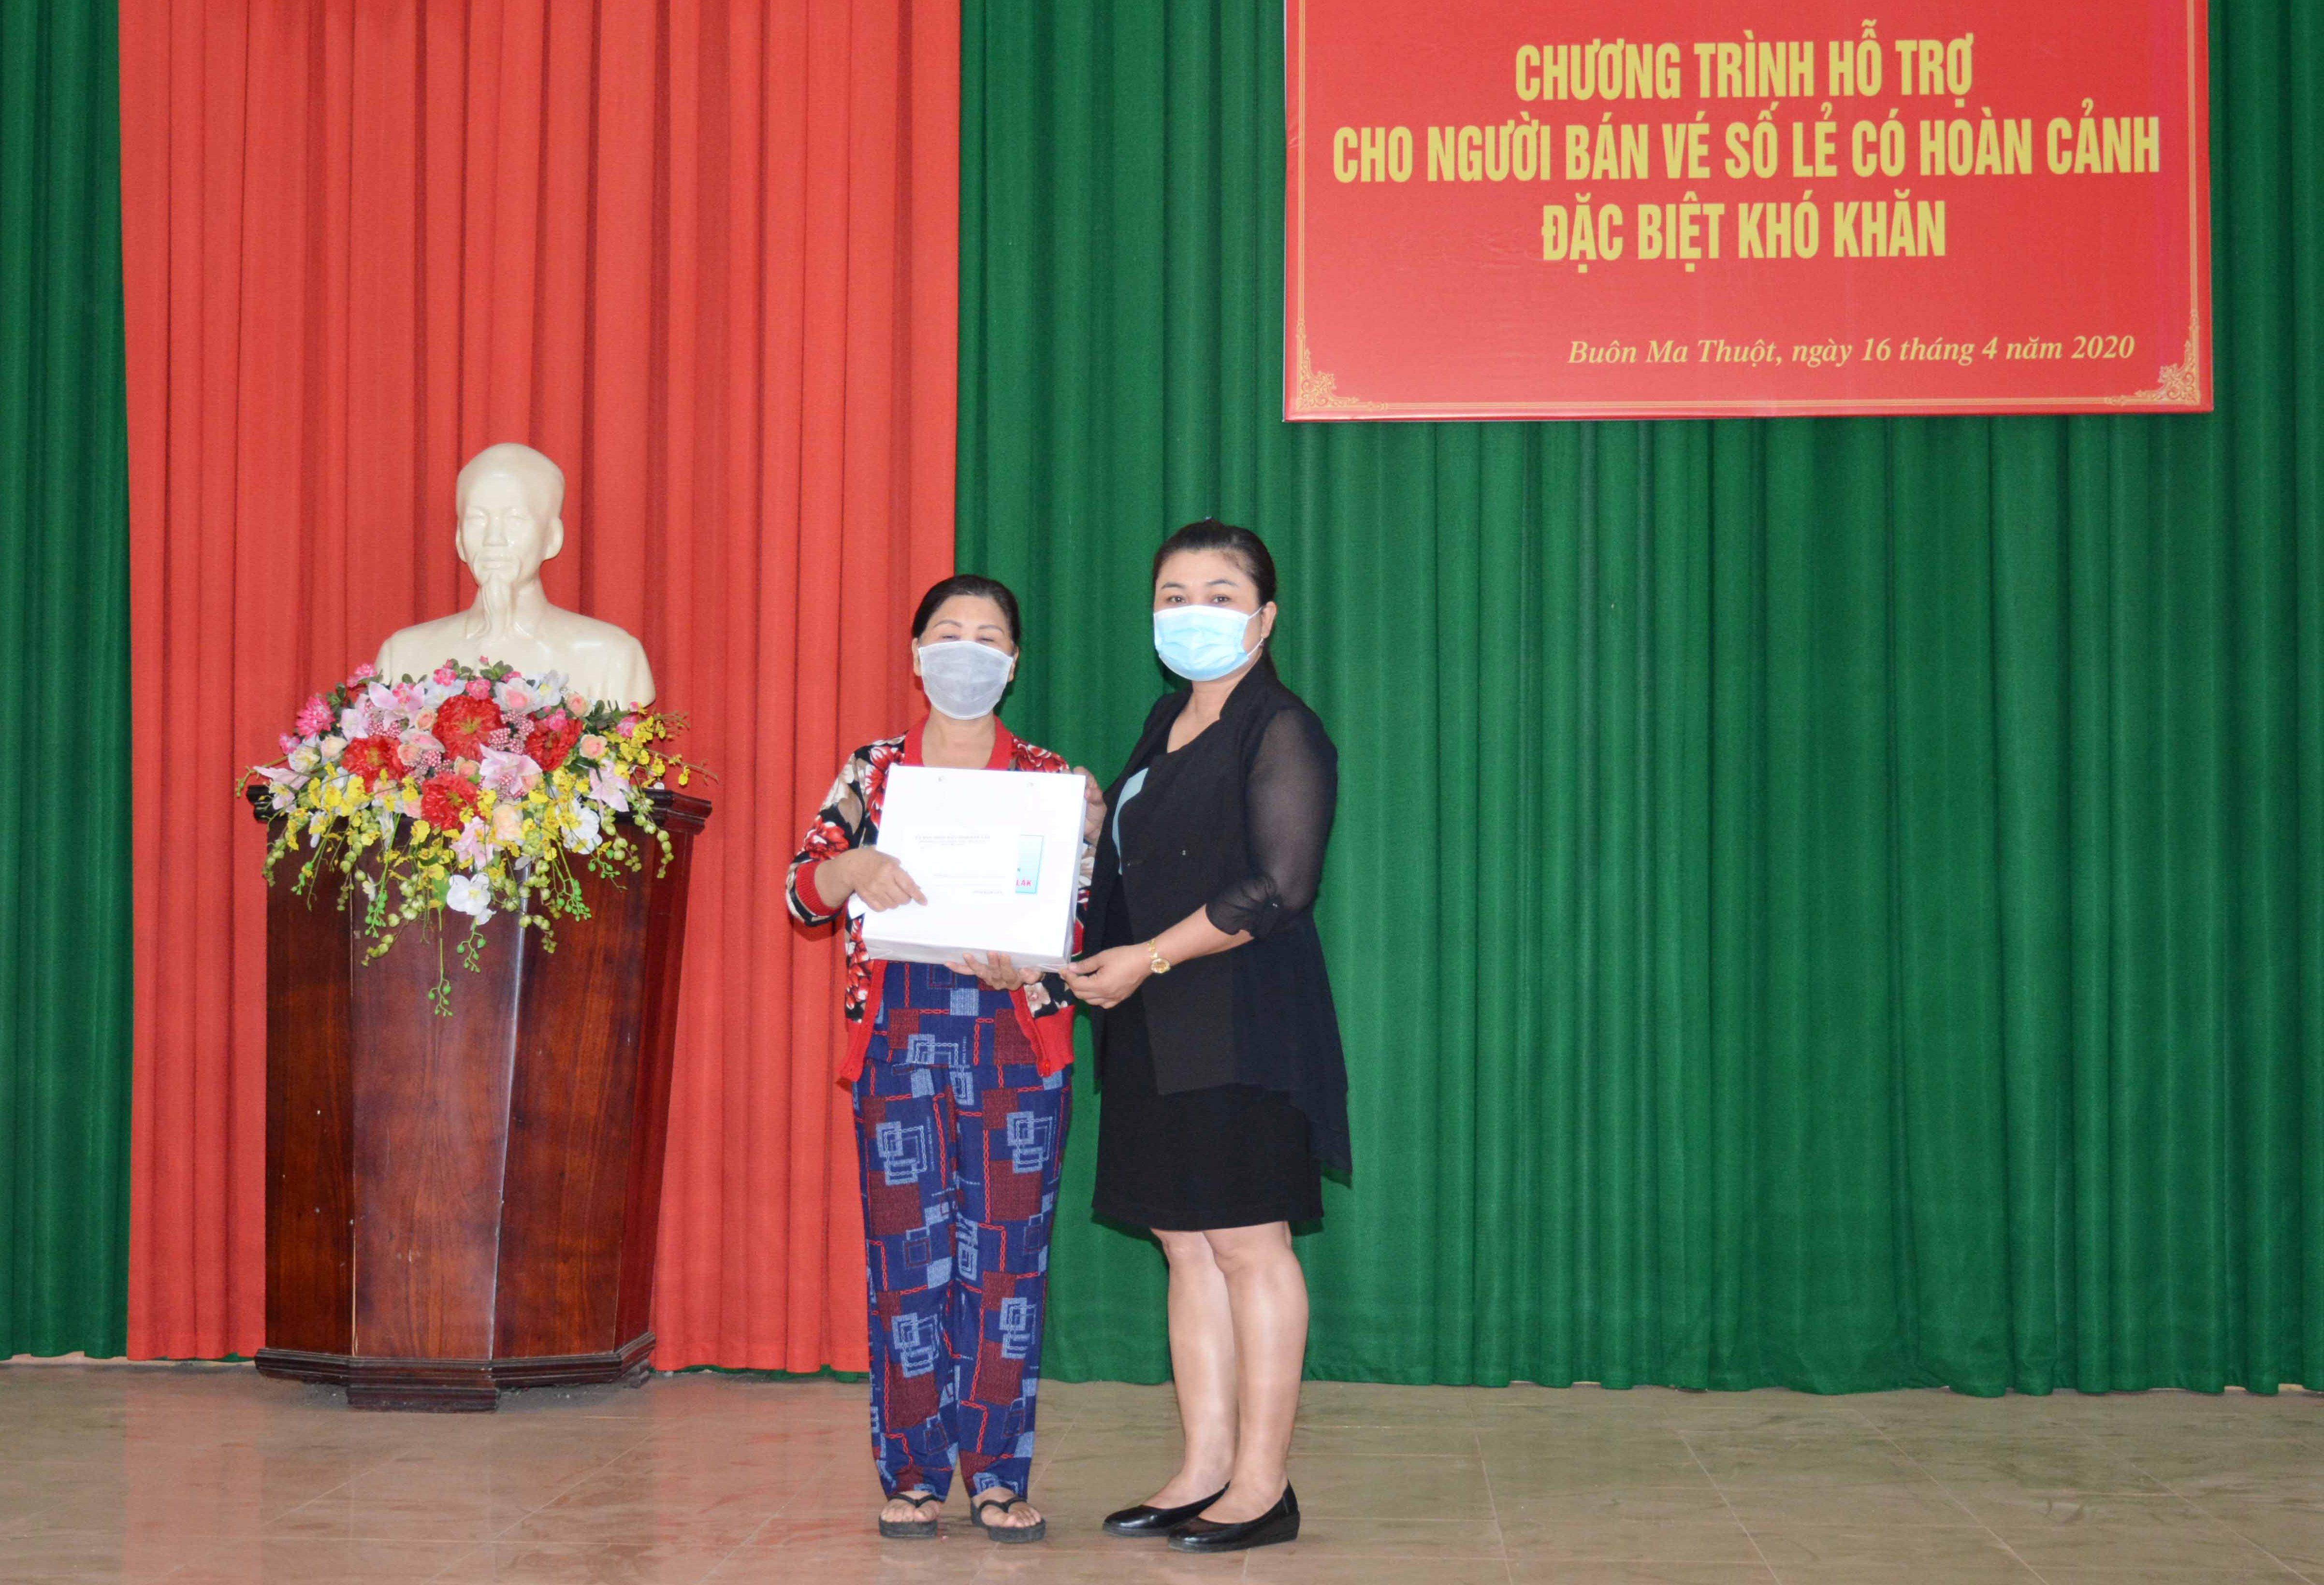 Ban hành Kế hoạch thực hiện các biện pháp hỗ trợ người dân gặp khó khăn do đại dịch Covid-19 trên địa bàn tỉnh